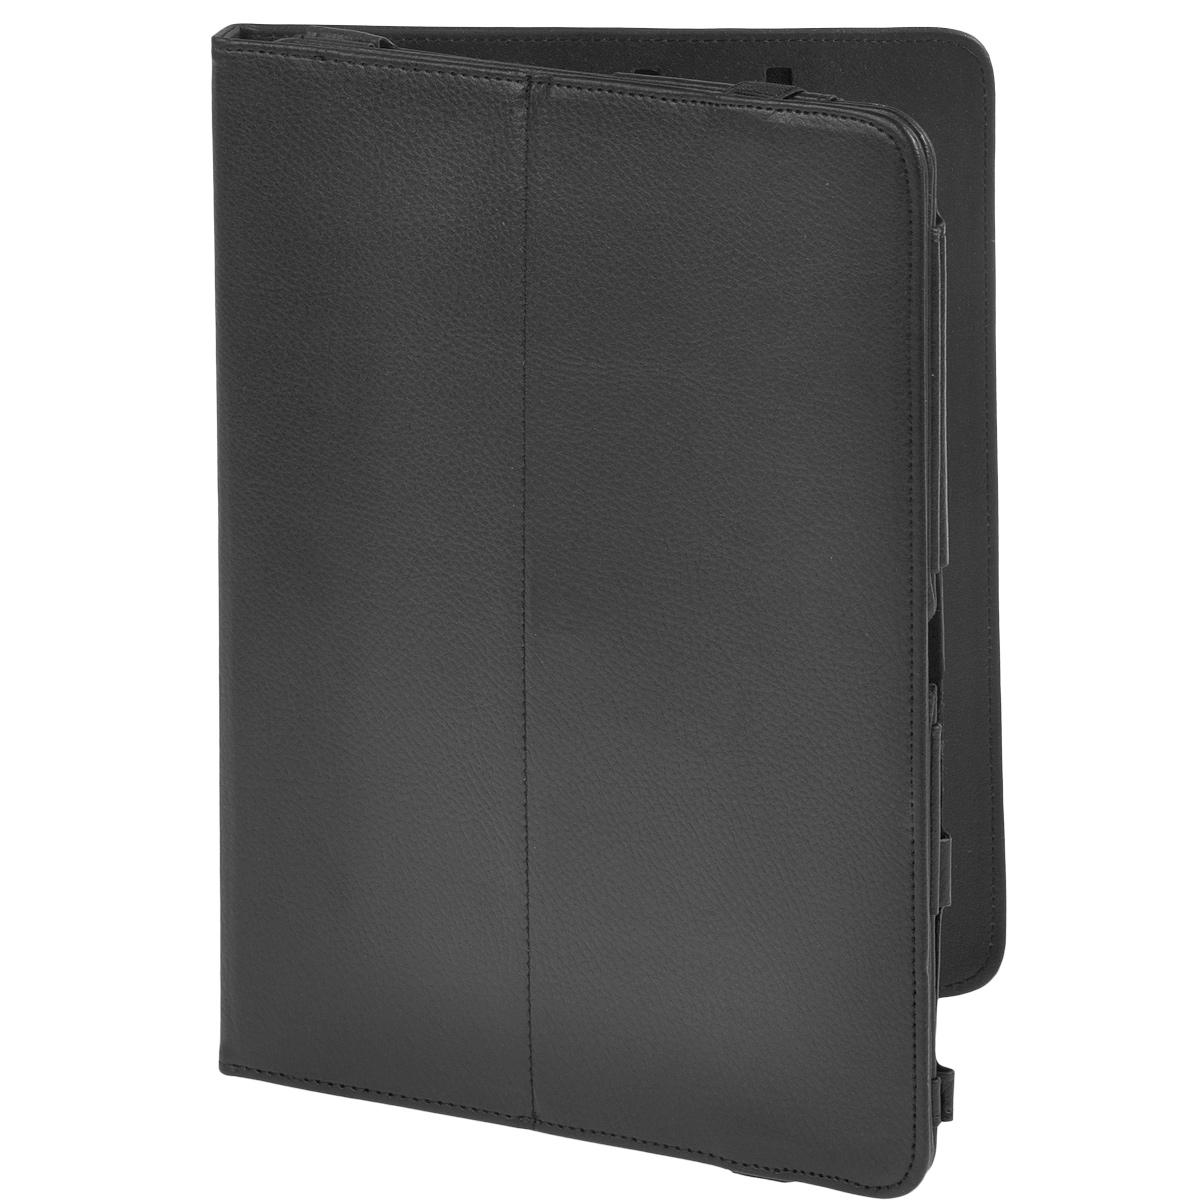 IT Baggage поворотный чехол для Prestigio Multipad 4 Diamond 10.1, BlackITPRE101-1Поворотный чехол IT Baggage для Prestigio Multipad 4 Diamond 10.1 - это стильный и лаконичный аксессуар, позволяющий сохранить планшет в идеальном состоянии. Надежно удерживая технику, обложка защищает корпус и дисплей от появления царапин, налипания пыли. Также чехол IT Baggage для для Prestigio Multipad 4 Diamond 10.1можно использовать как подставку для чтения или просмотра фильмов. Имеет свободный доступ ко всем разъемам устройства.